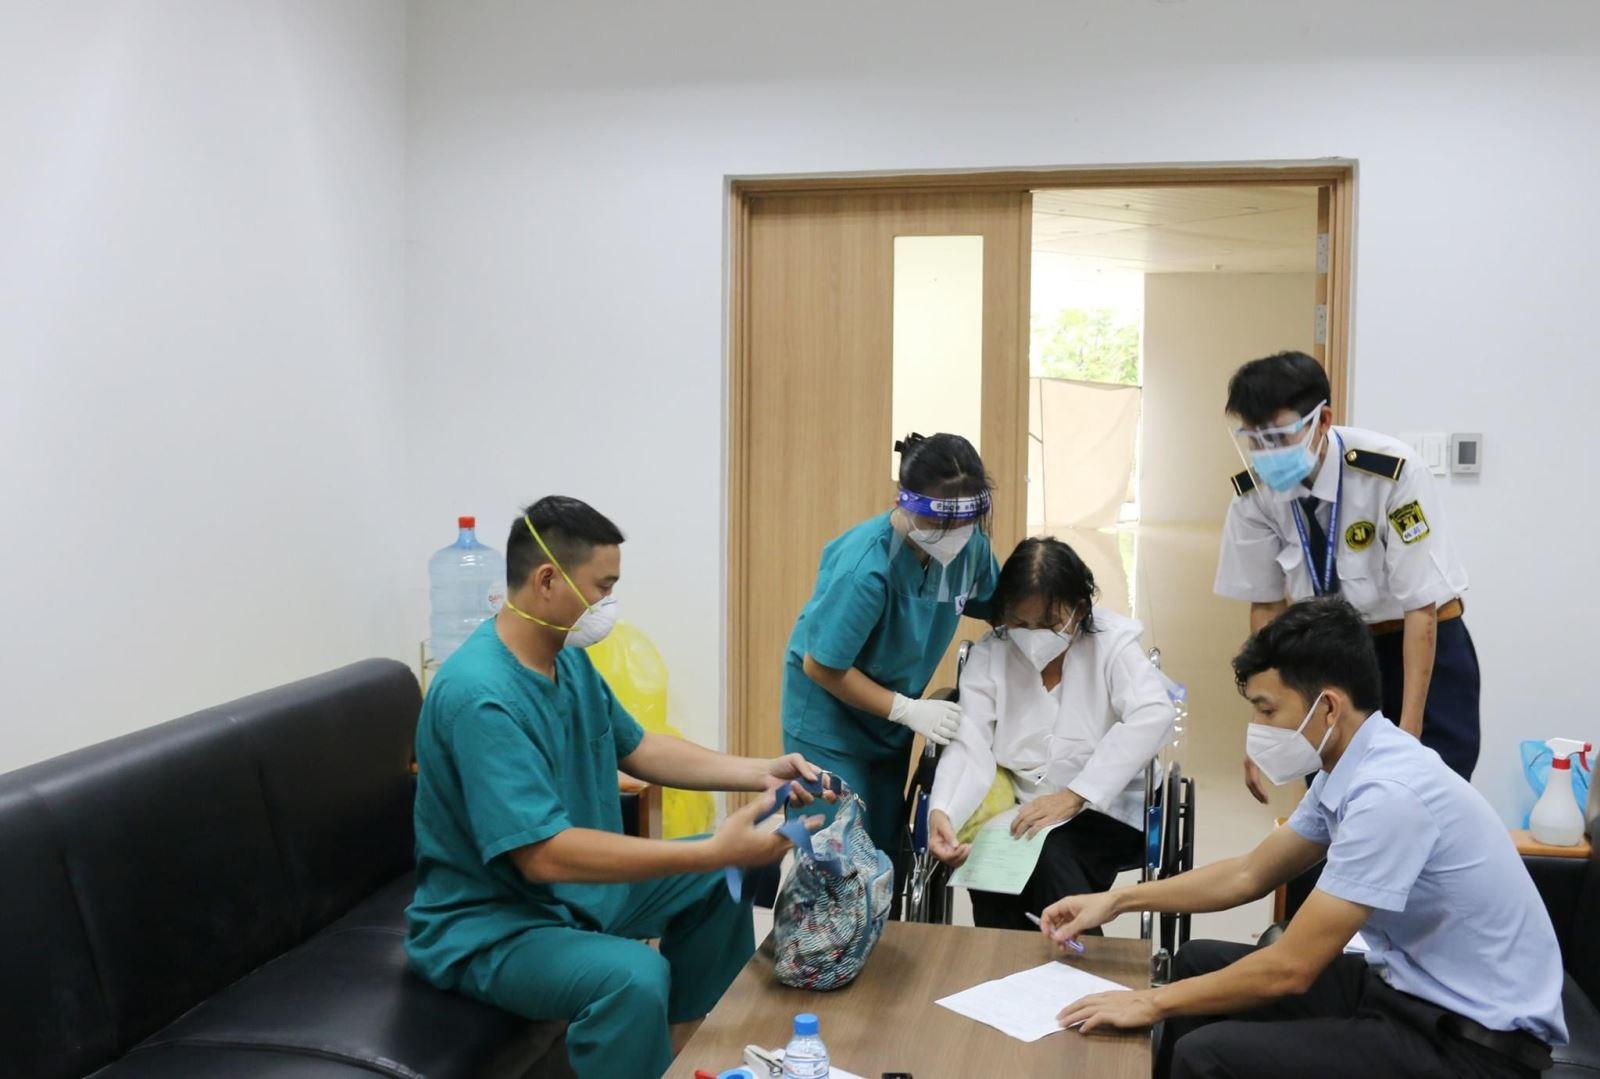 Trao trả tài sản trị giá gần 100 triệu đồng cho bệnh nhân mắc COVID-19 trong ngày xuất viện - Ảnh 1.